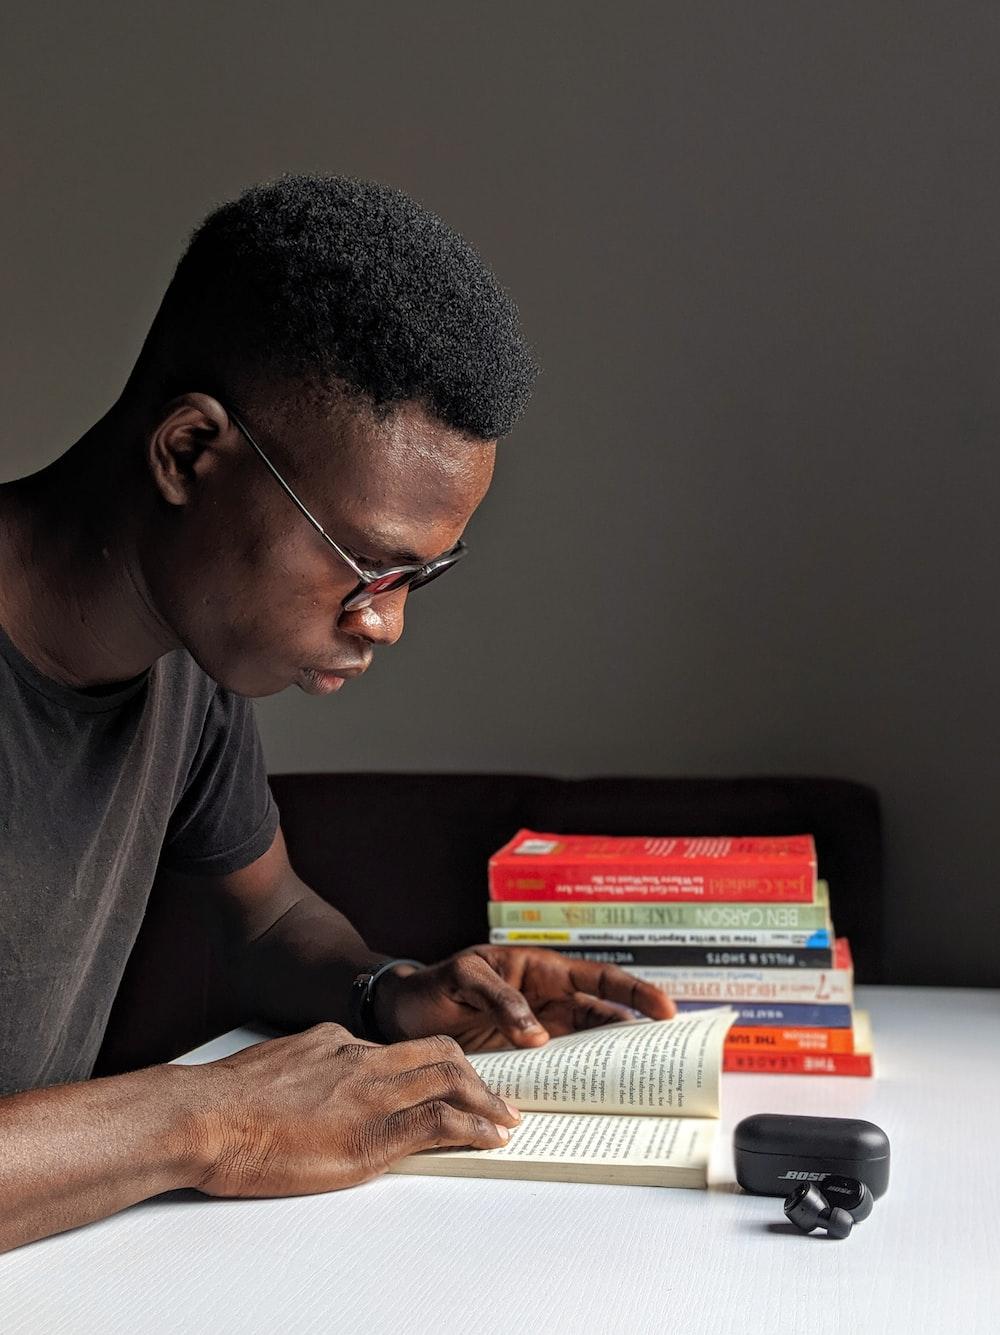 man reading inside room